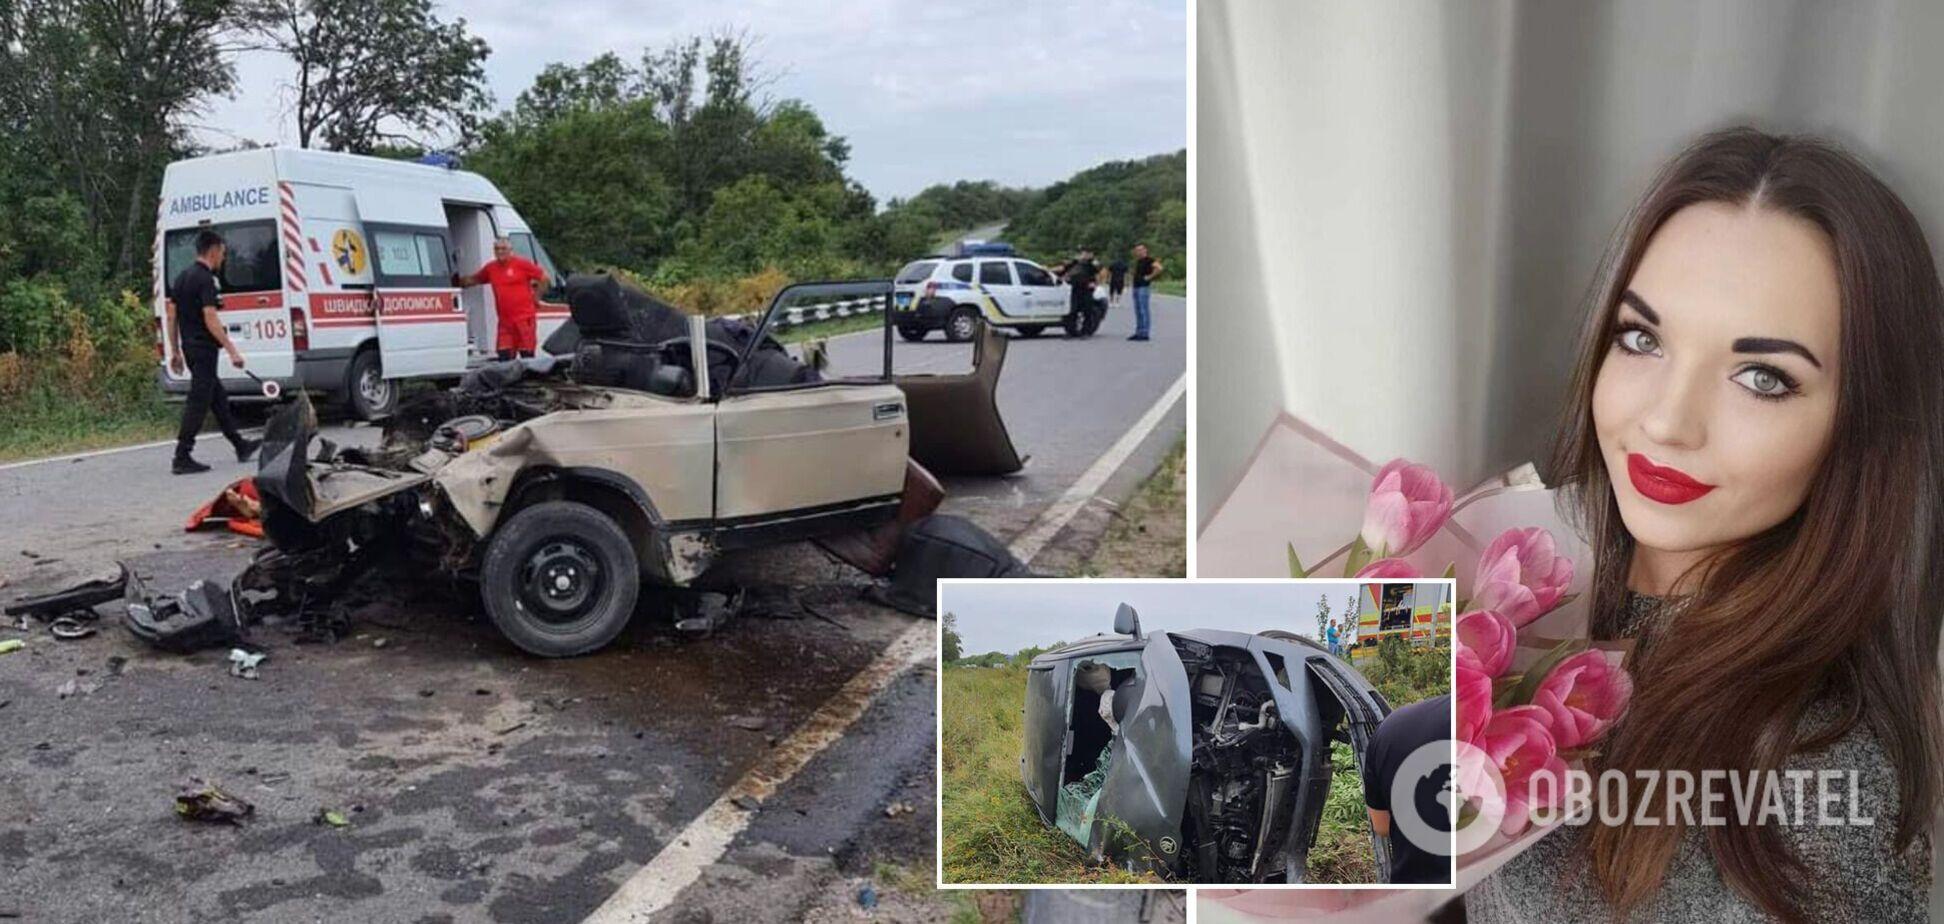 Сім'я їхала на відпочинок, але потрапила в смертельну ДТП: подробиці трагедії на Луганщині